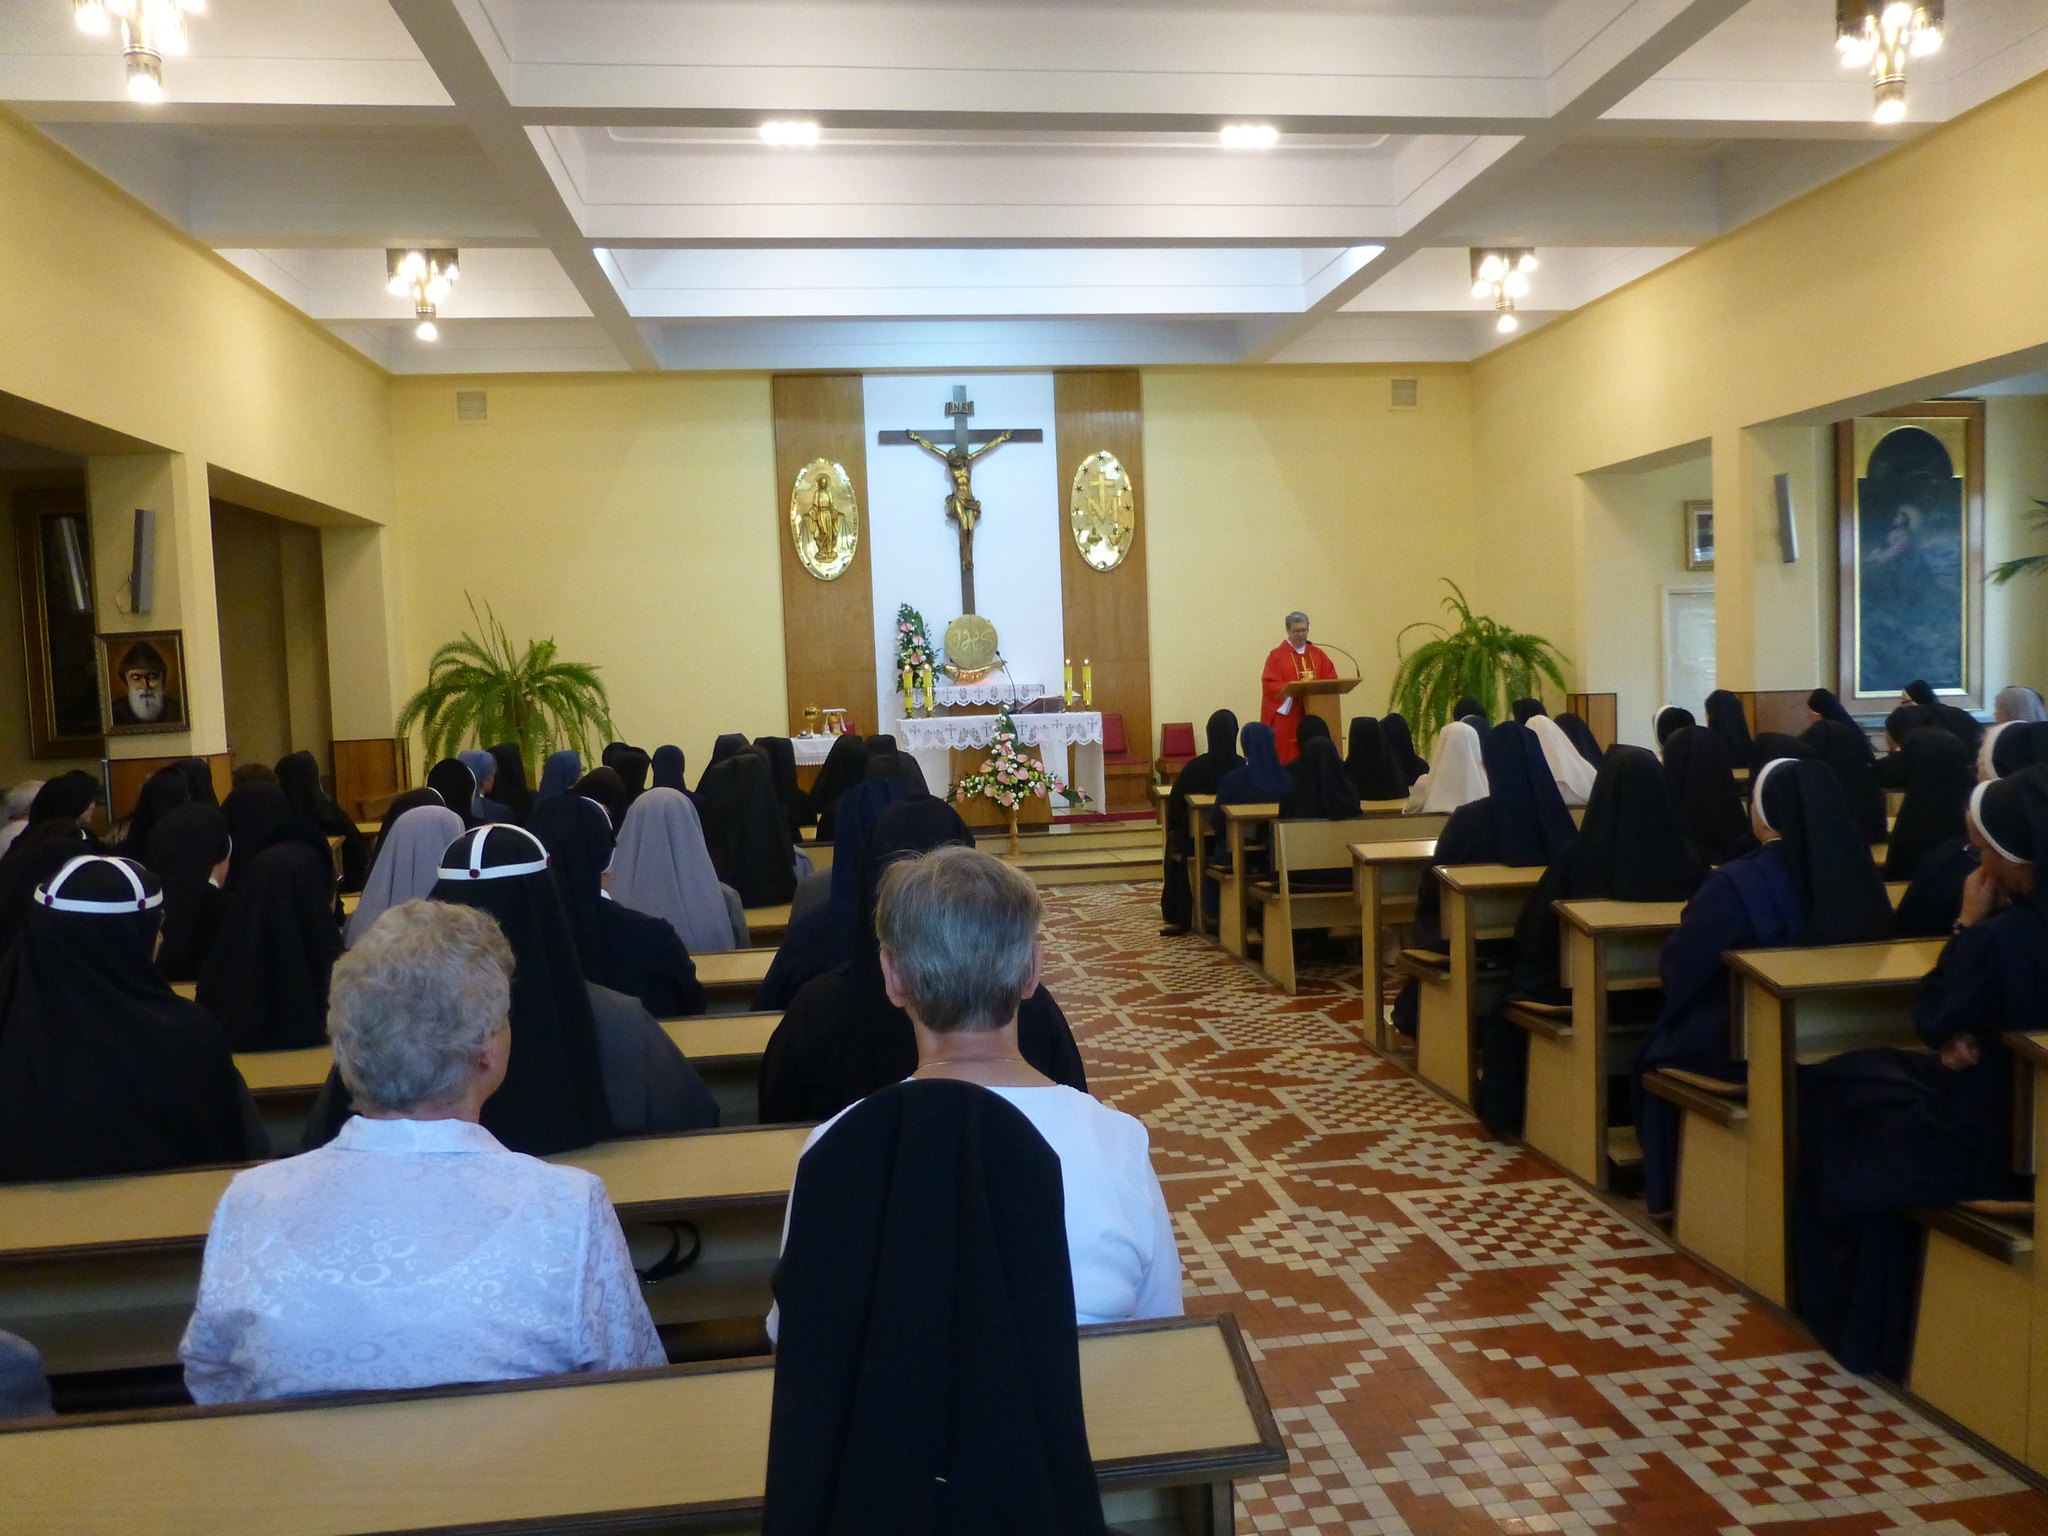 Sesja dla Sióstr pracujących w domach zakonnych Częstochowa 2018